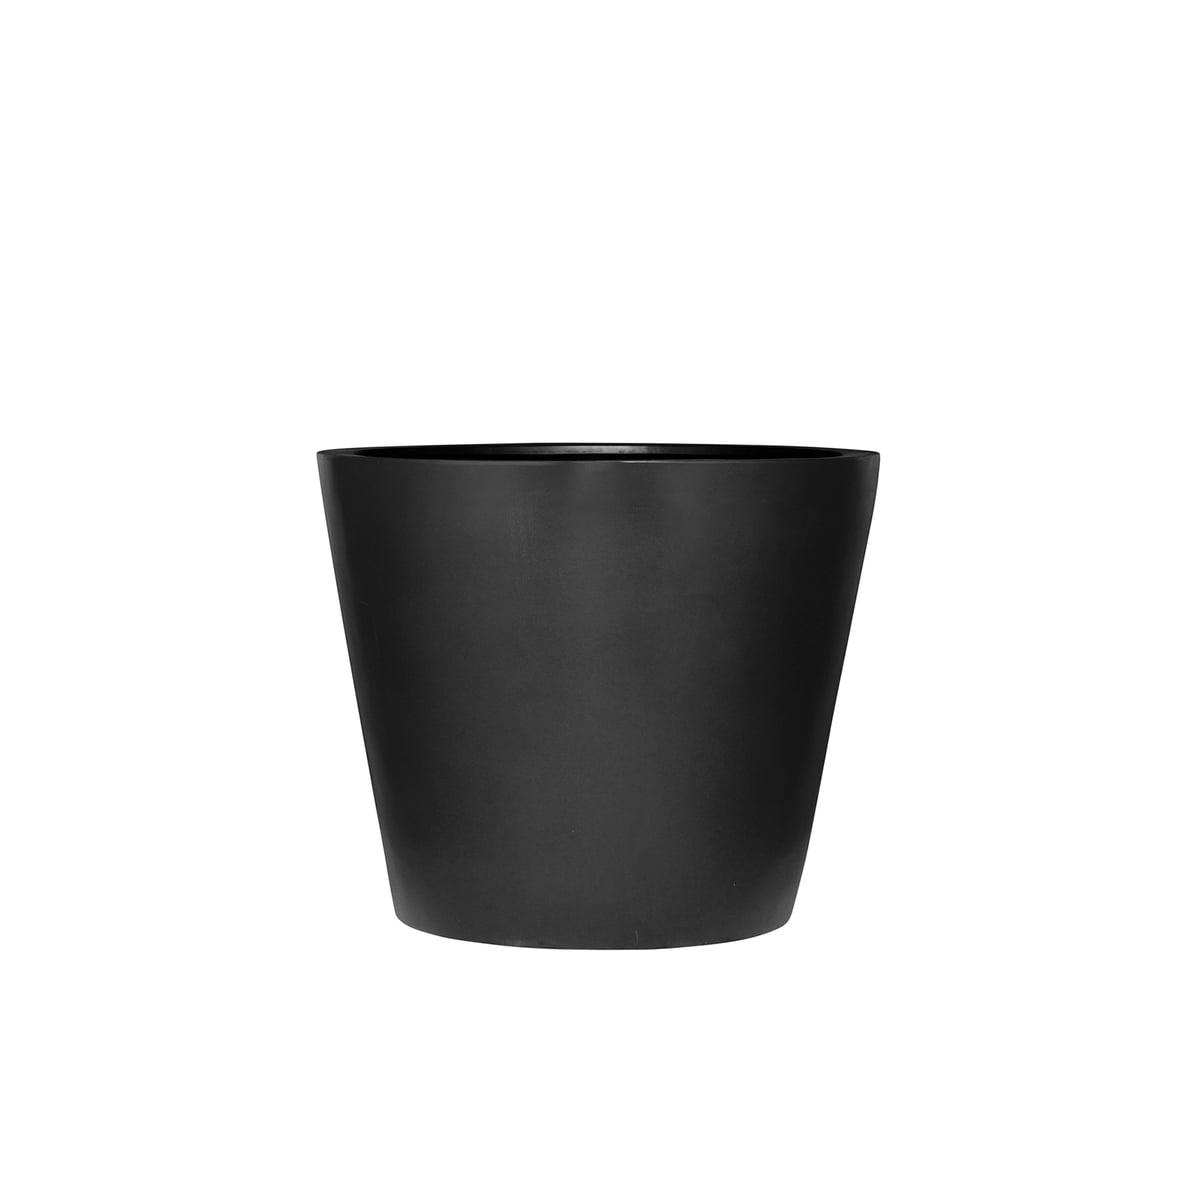 Der Runde Pflanzkübel schwarz von Amei